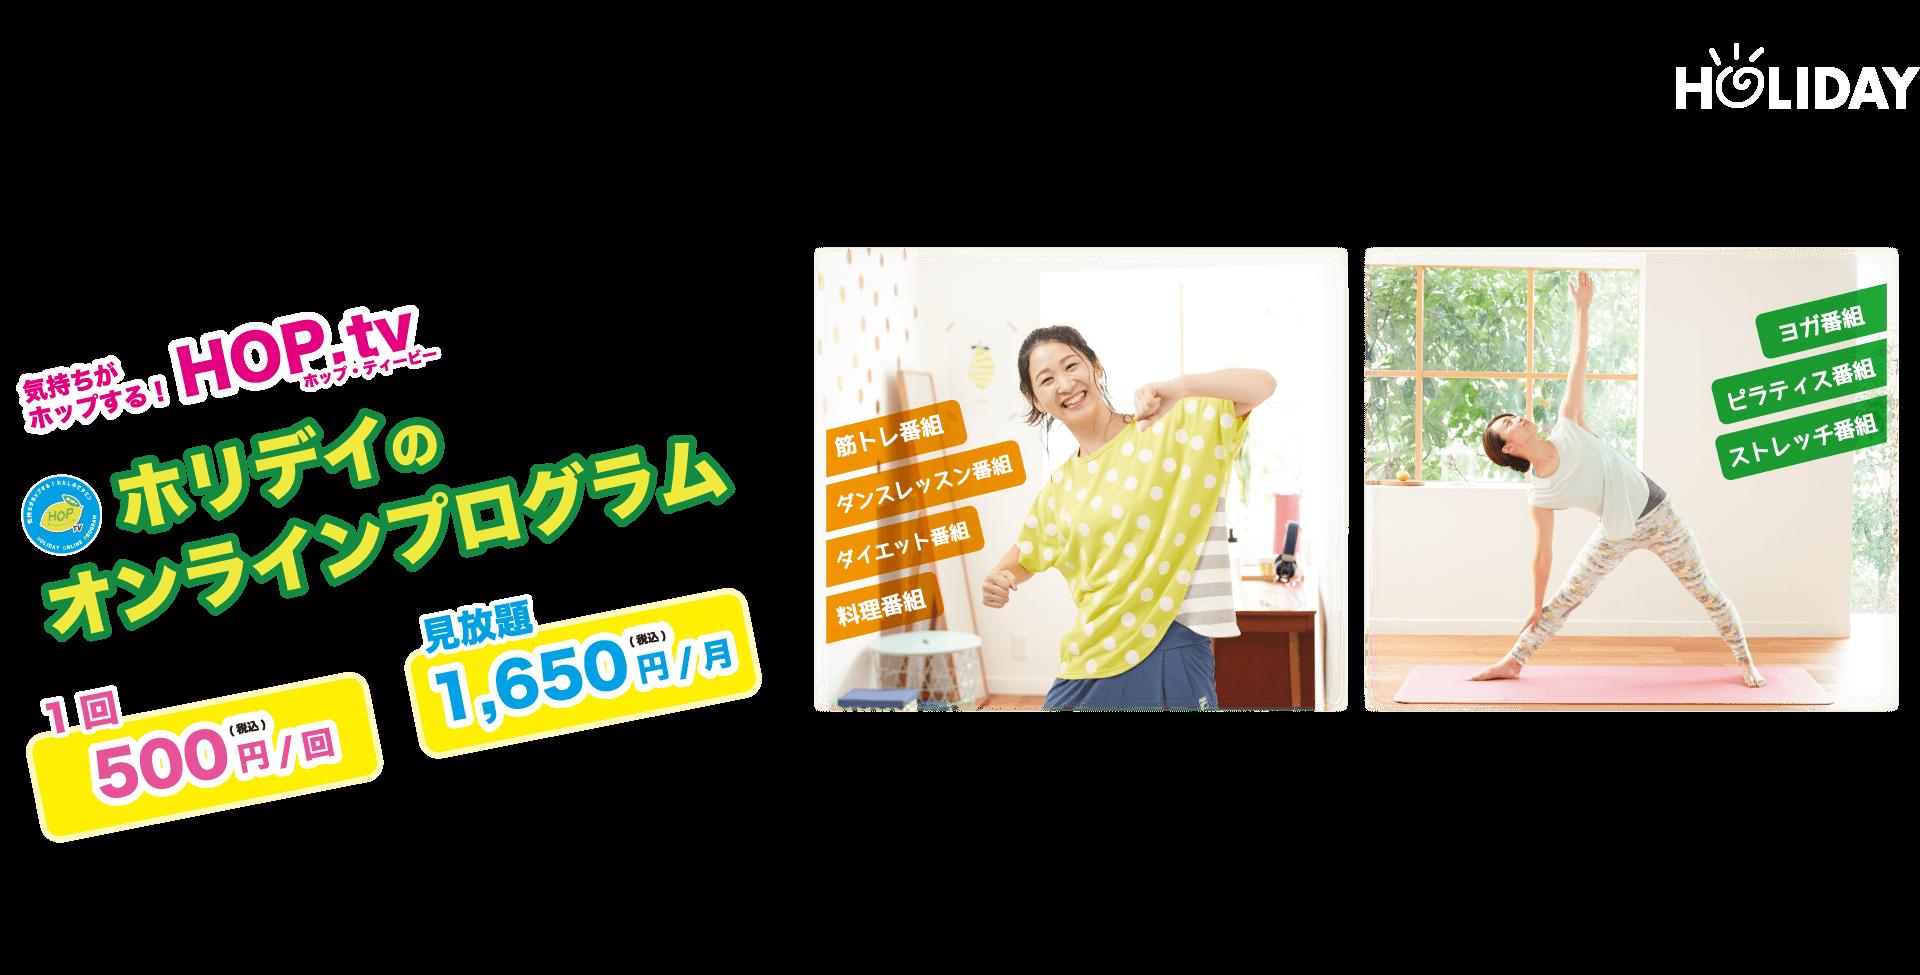 ホリデイのオンラインプログラム ホップ.tv誕生!